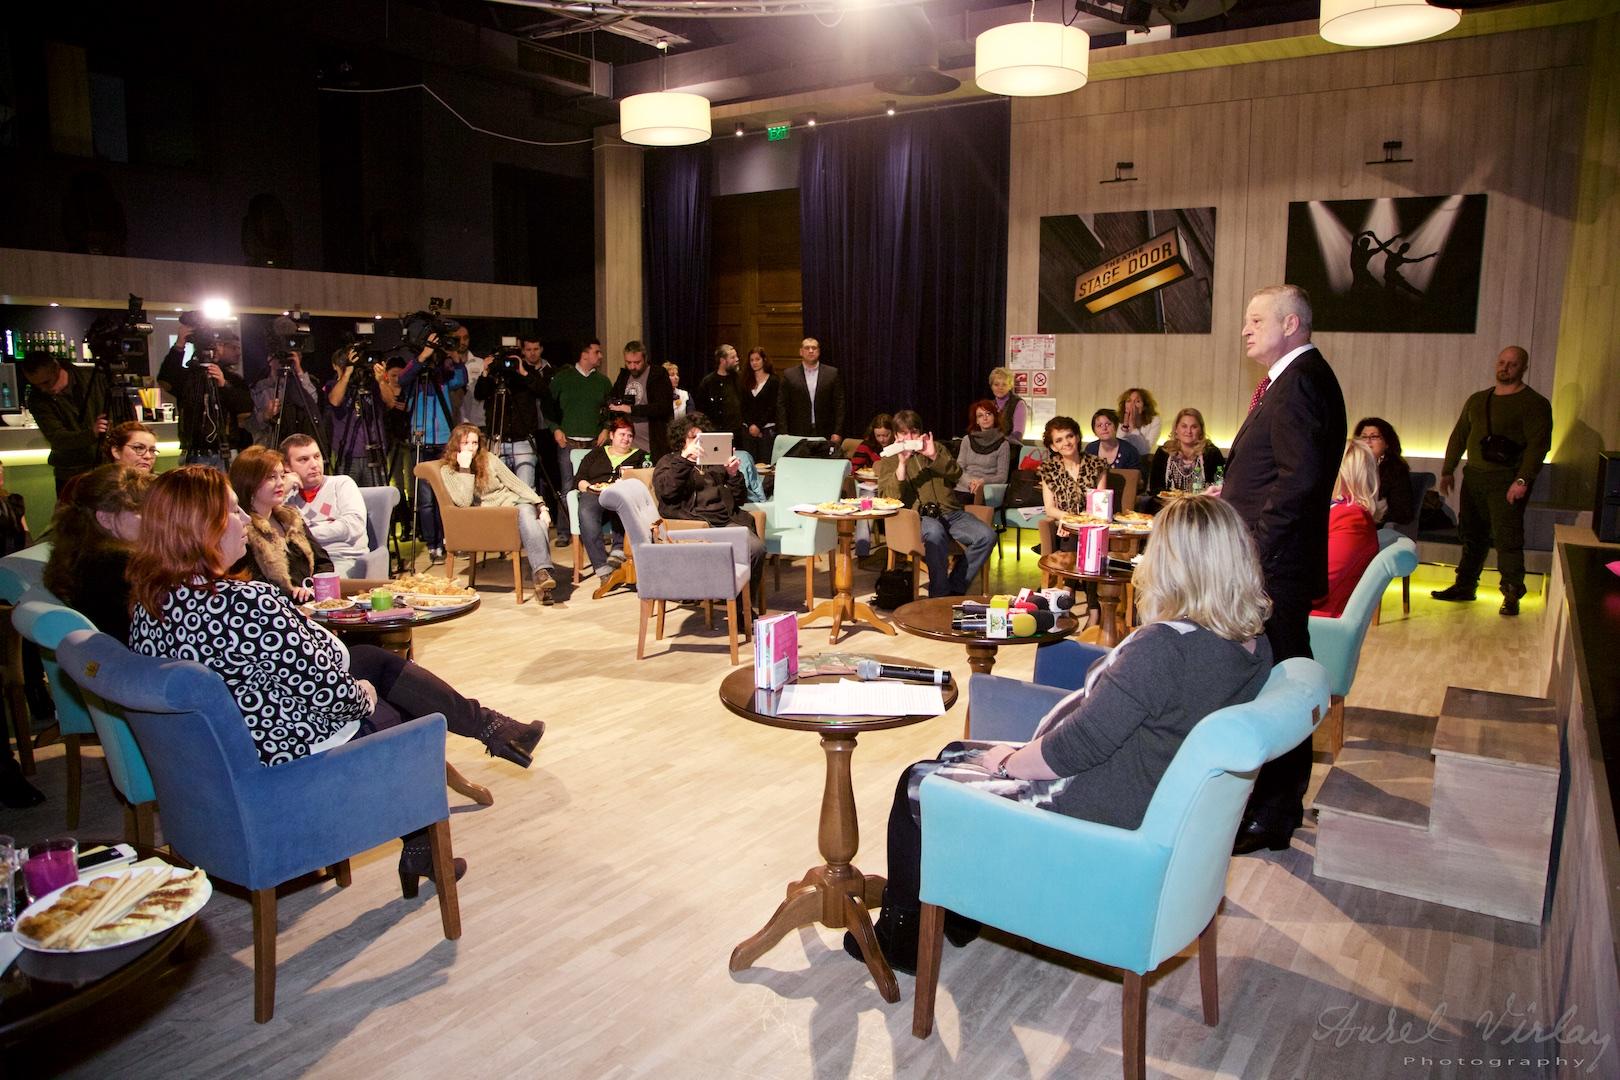 Primarul general Sorin Oprescu a fost astazi prezent la o lansare de carte